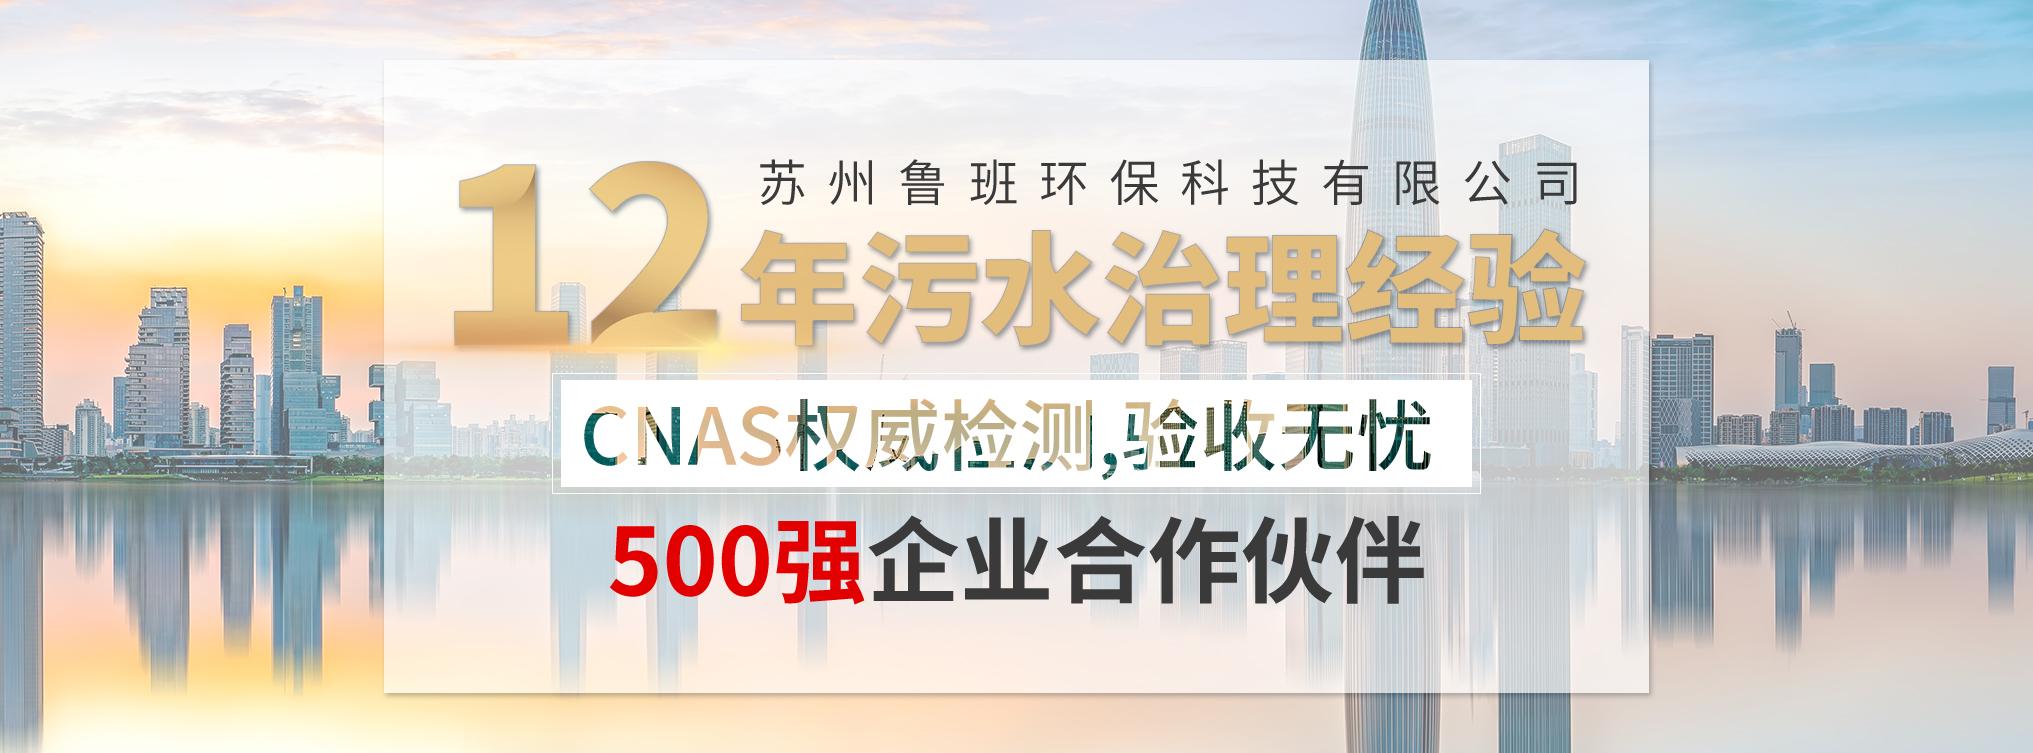 蘇州魯班,12年污水治理經驗,CNAS權威檢測,500強企業合作伙伴